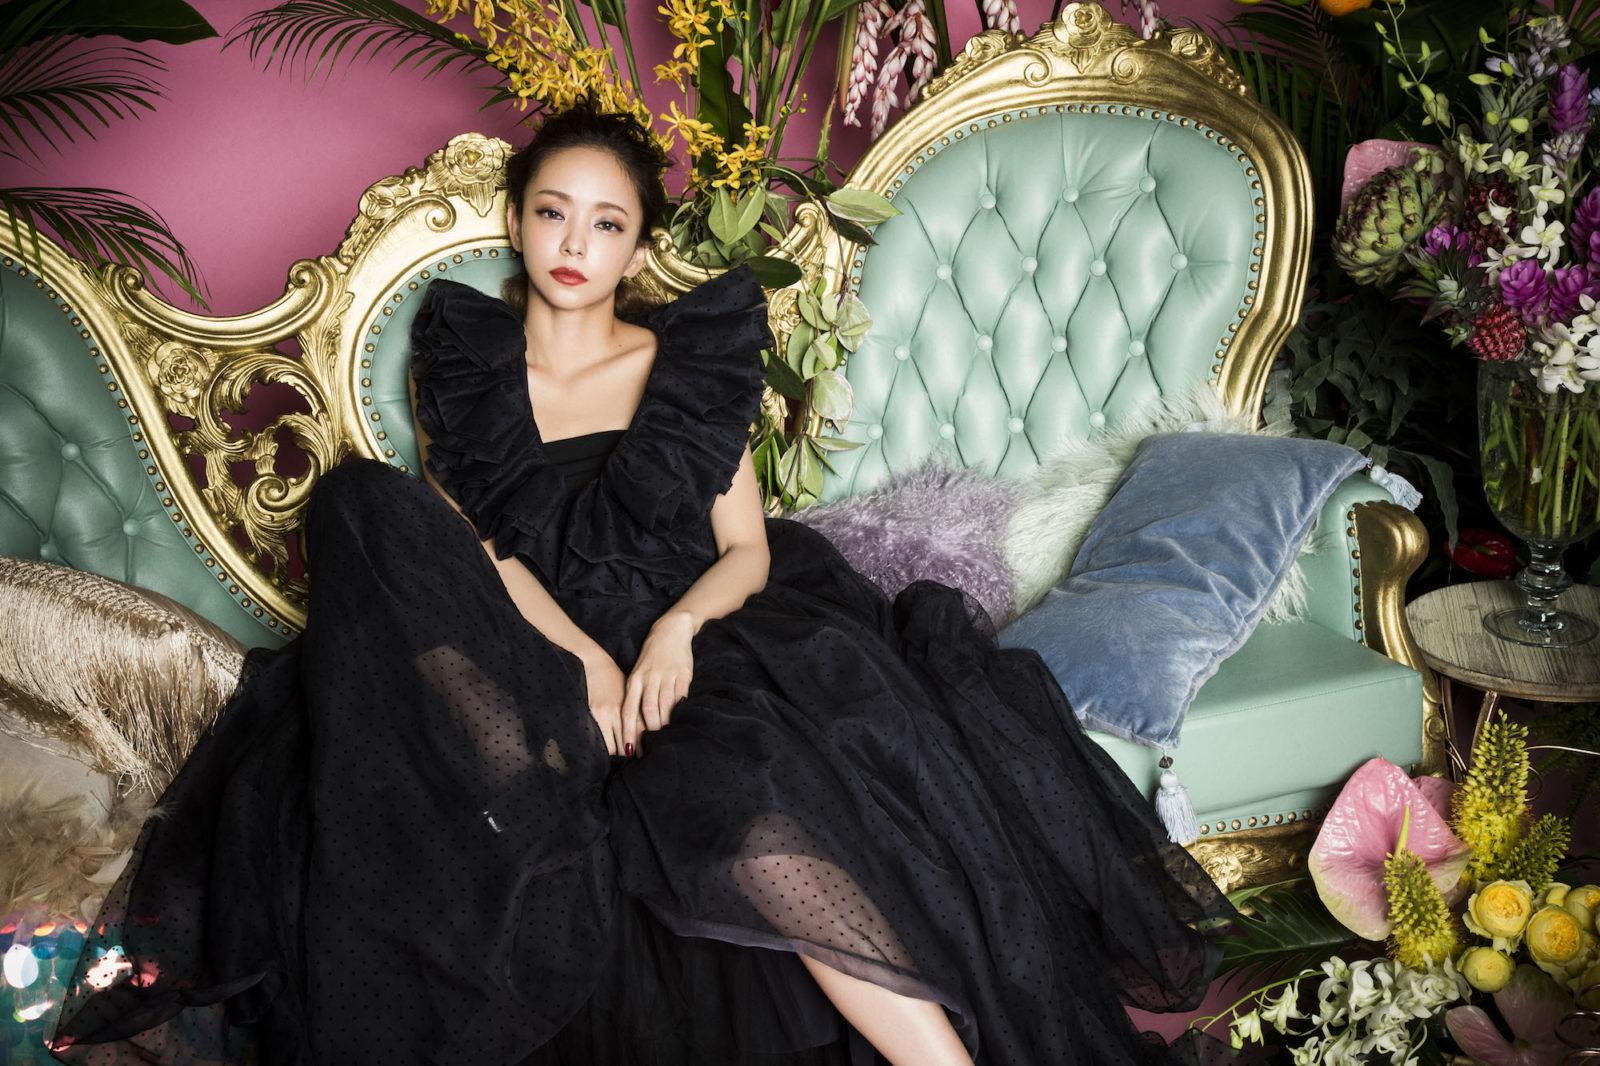 安室奈美恵の新曲もランクイン!10曲中7曲を独占したのは、あの人気ロックバンドのアルバム曲